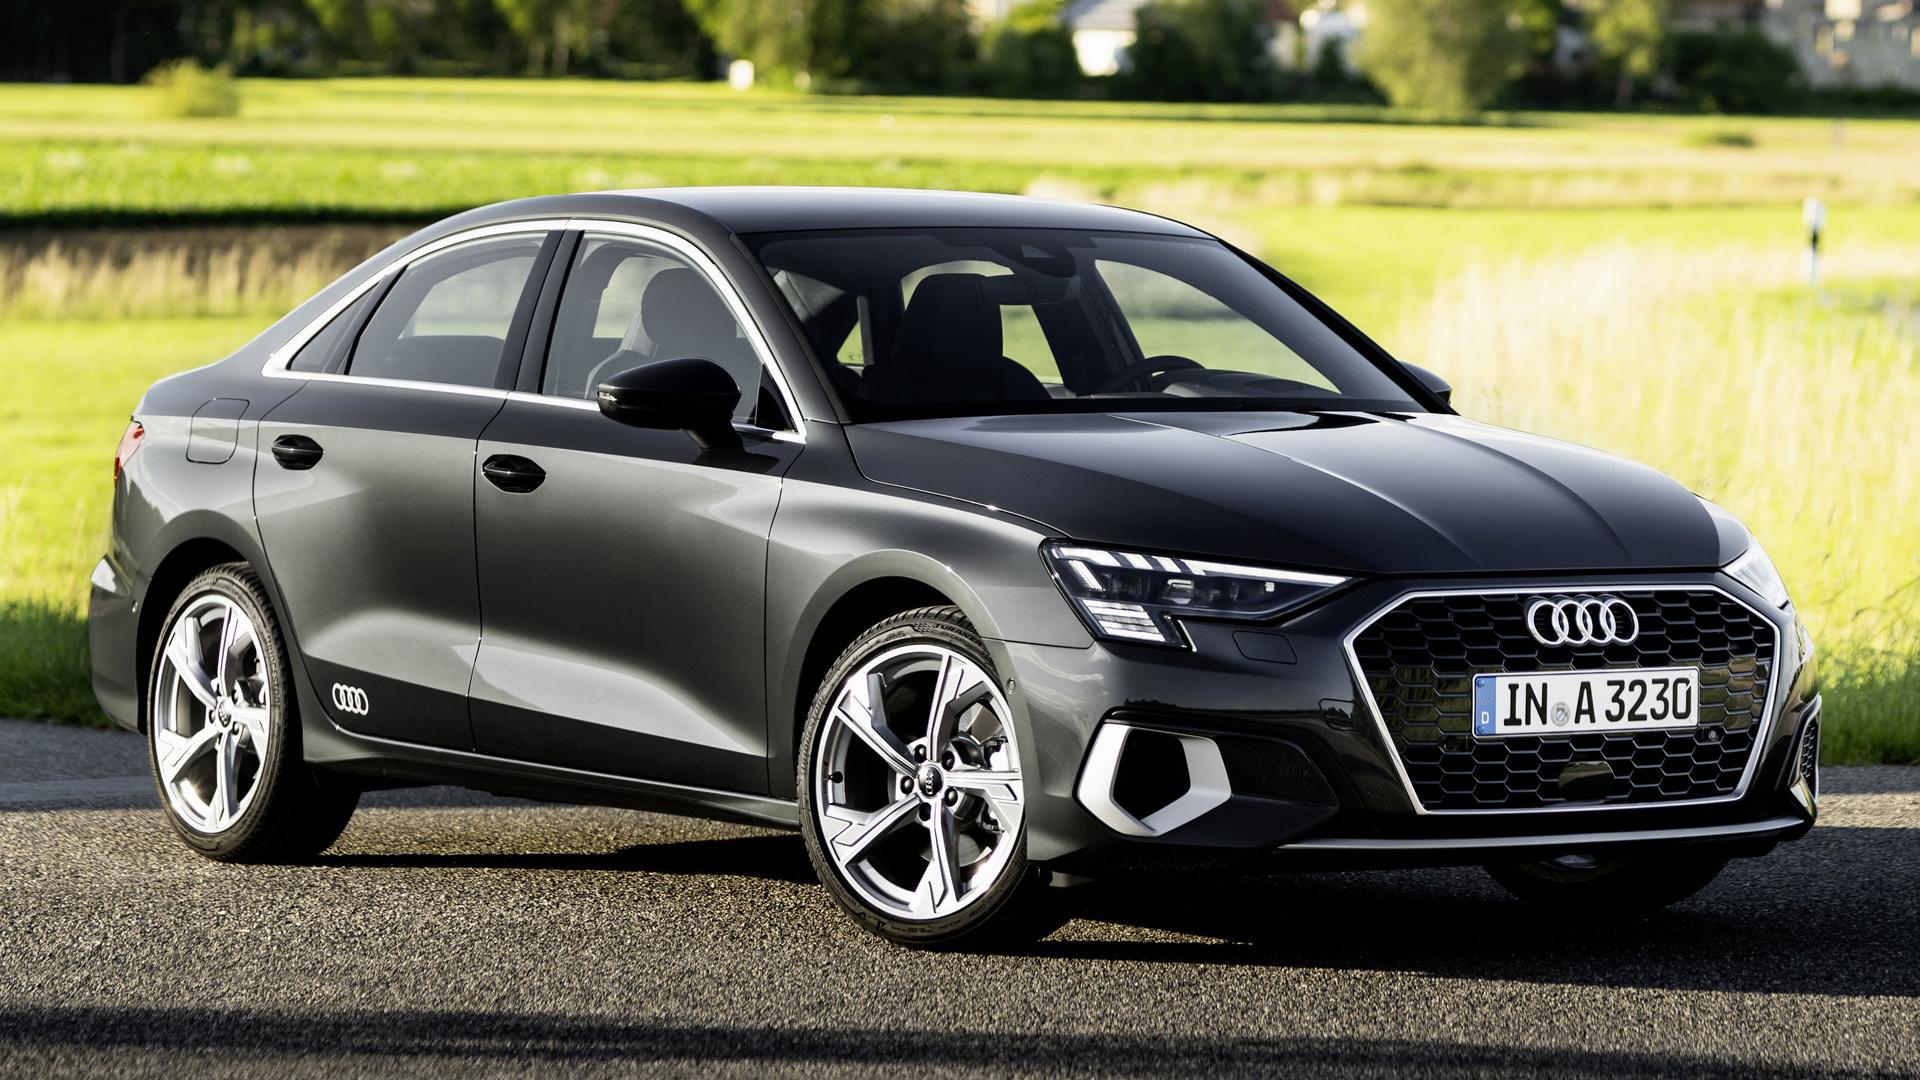 2020 Audi A3 Sedan Papeis De Parede E Imagens De Fundo Em Hd Car Pixel